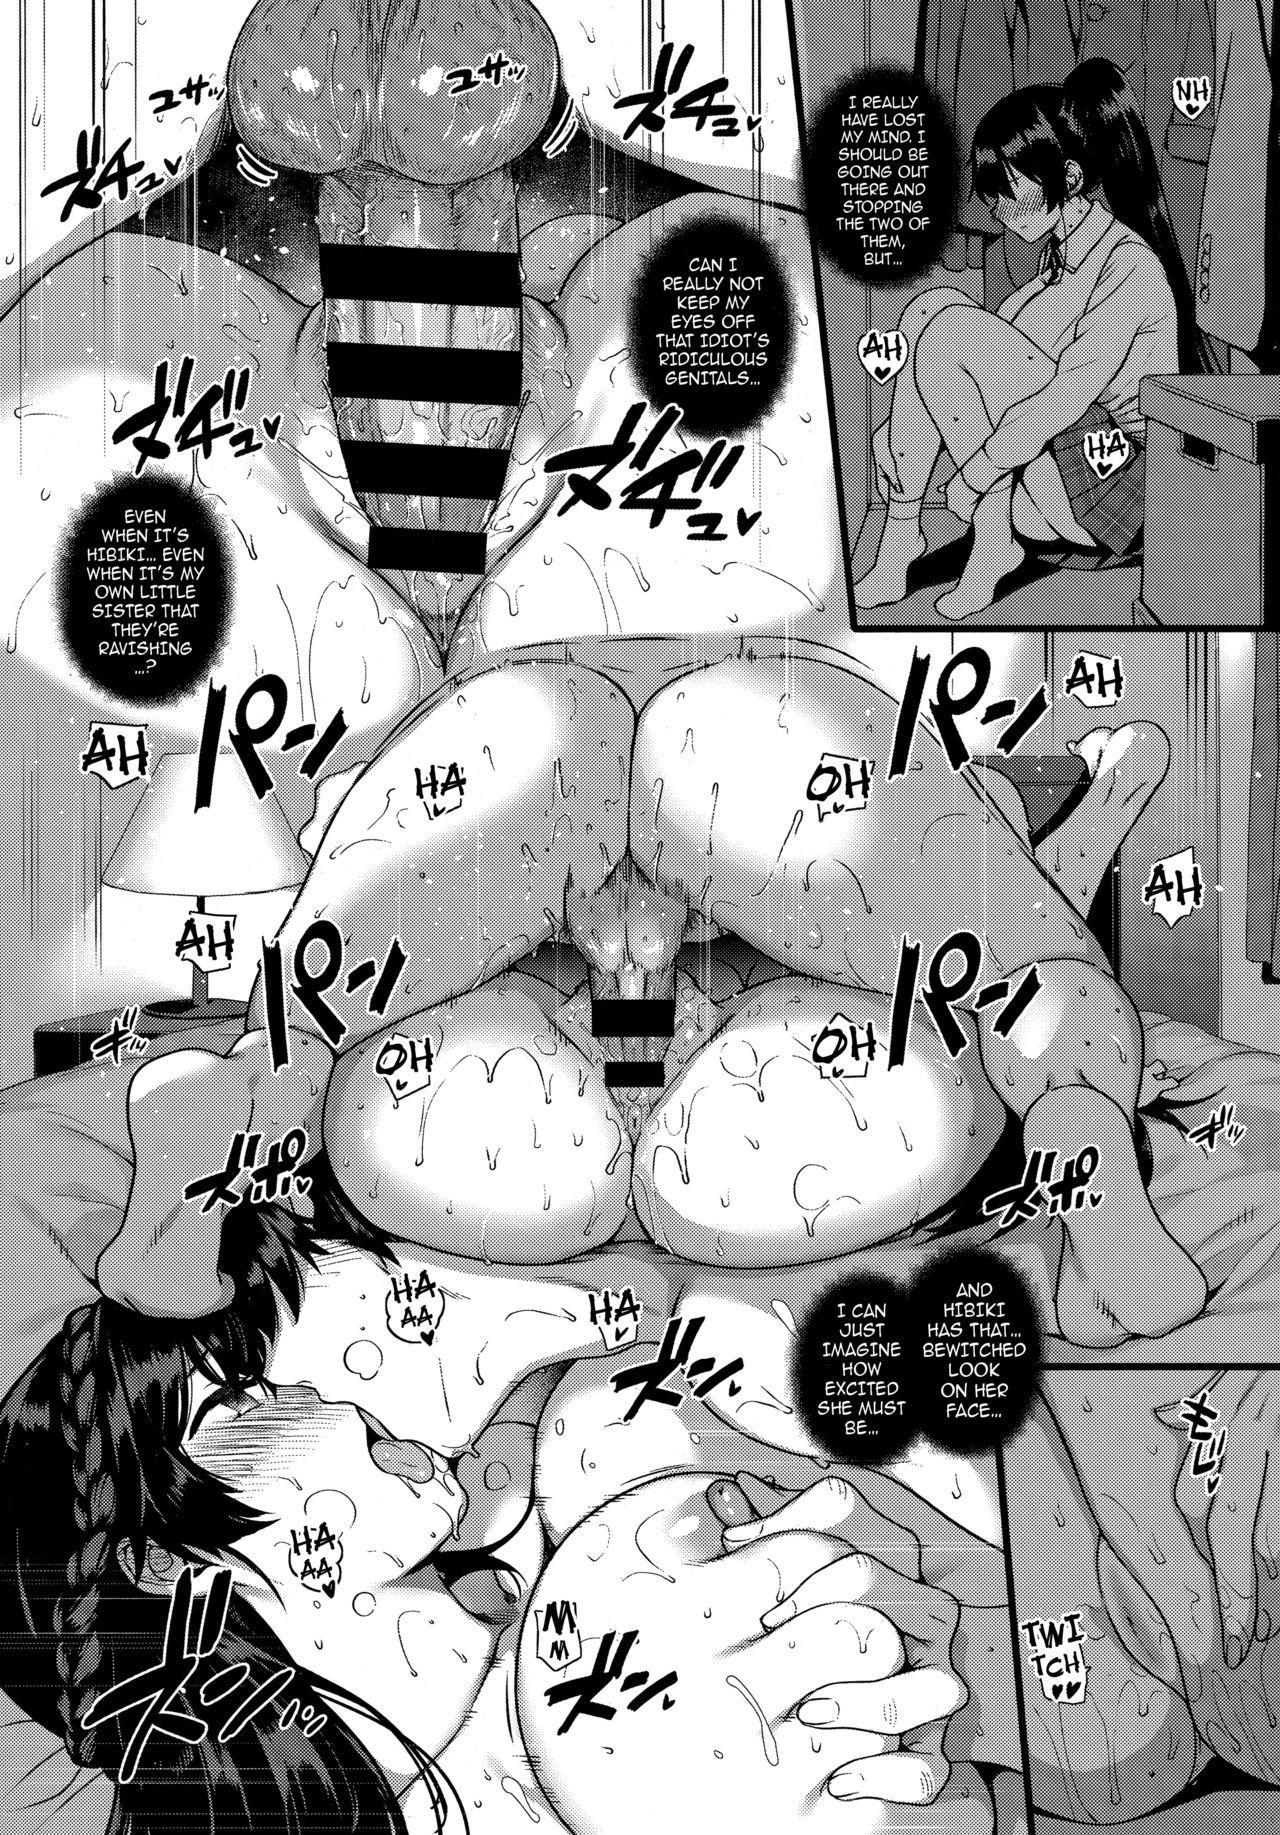 [Katsurai Yoshiaki] Amatsuka Gakuen no Ryoukan Seikatsu | Angel Academy's Hardcore Dorm Sex Life 1-2, 4-9 [English] {darknight} [Digital] 153